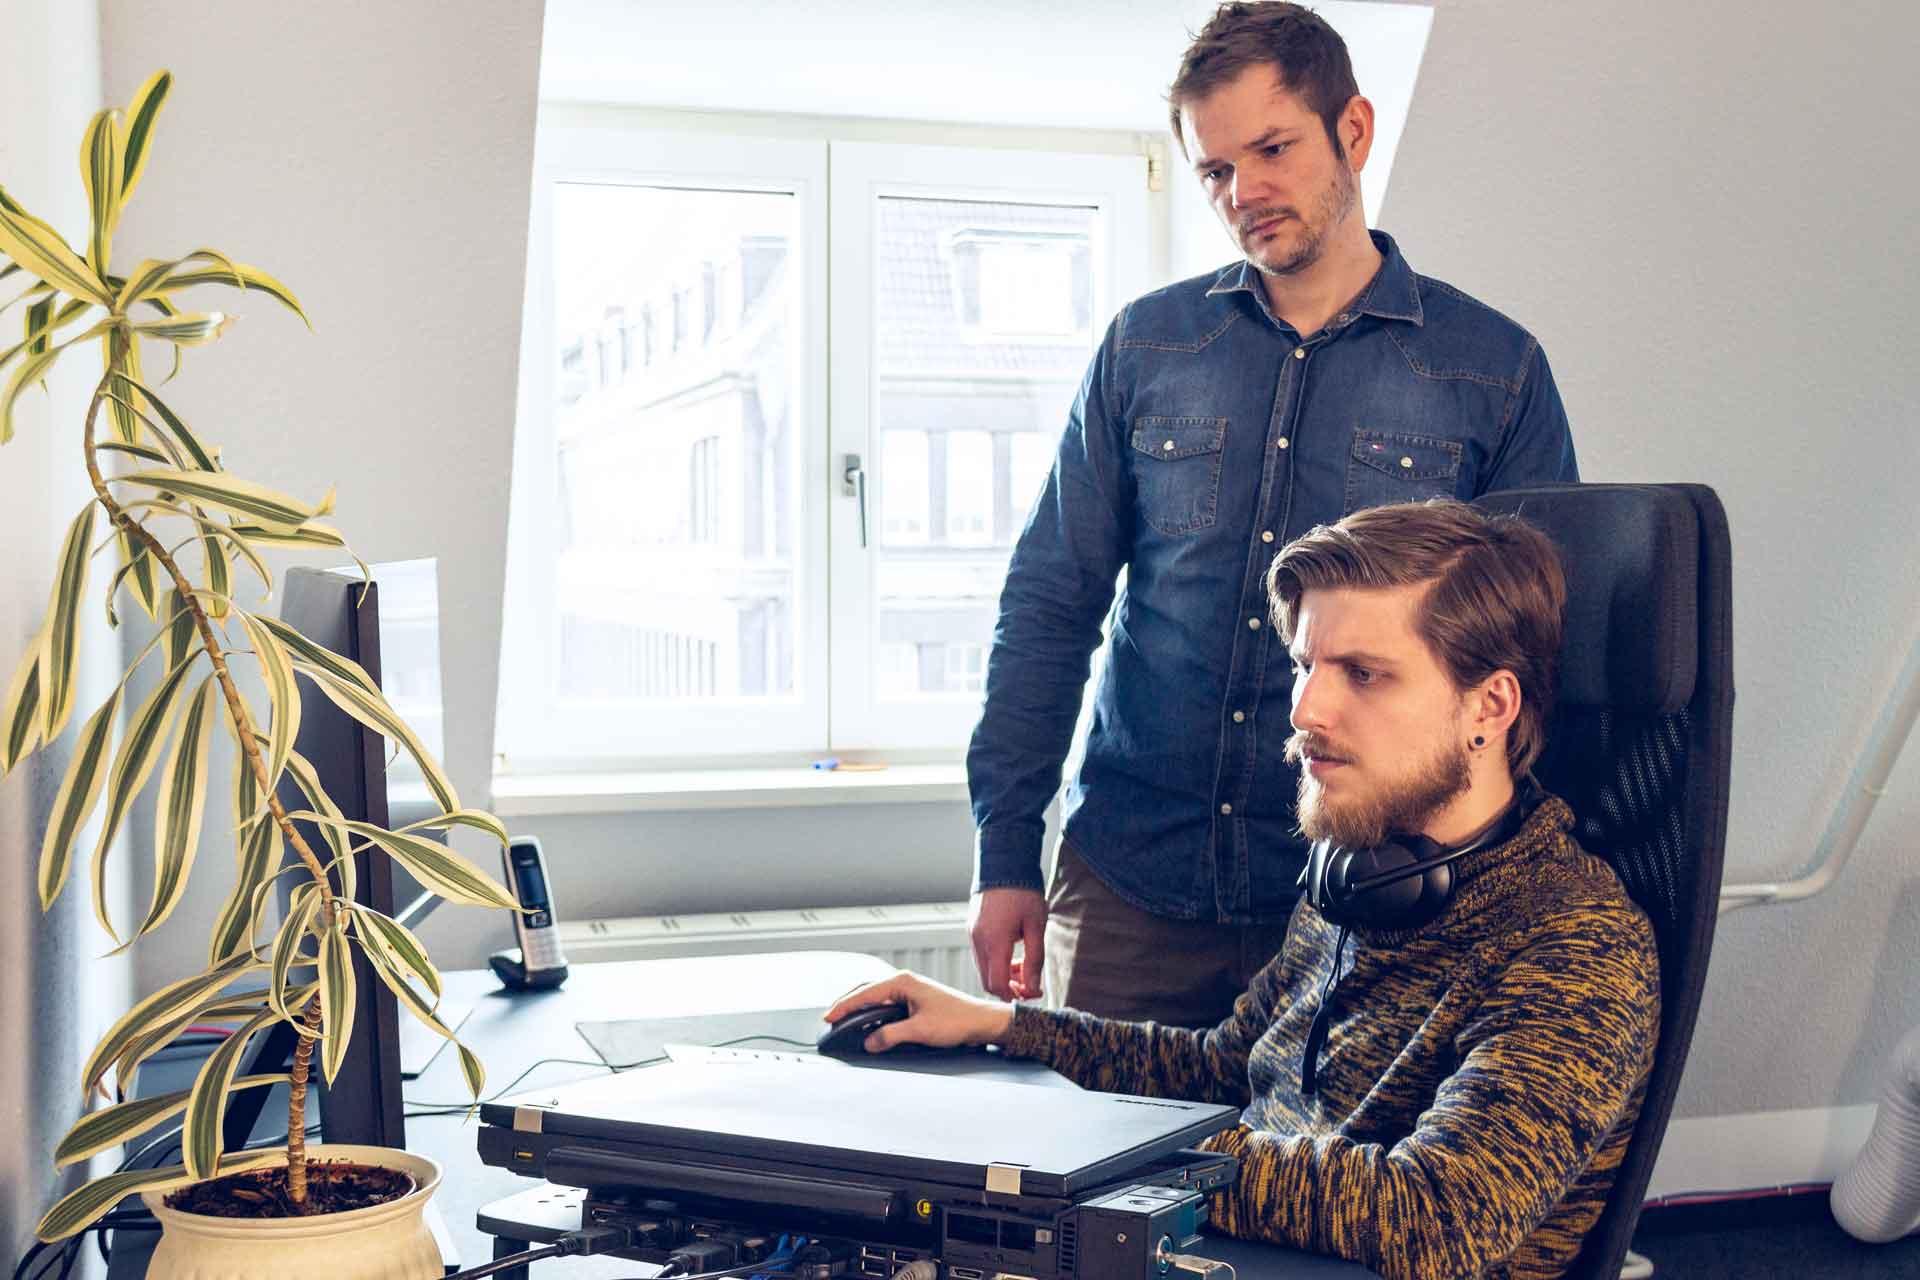 Zwei Mitarbeiter schauen gemeinsam auf einen PC-Bildschirm.